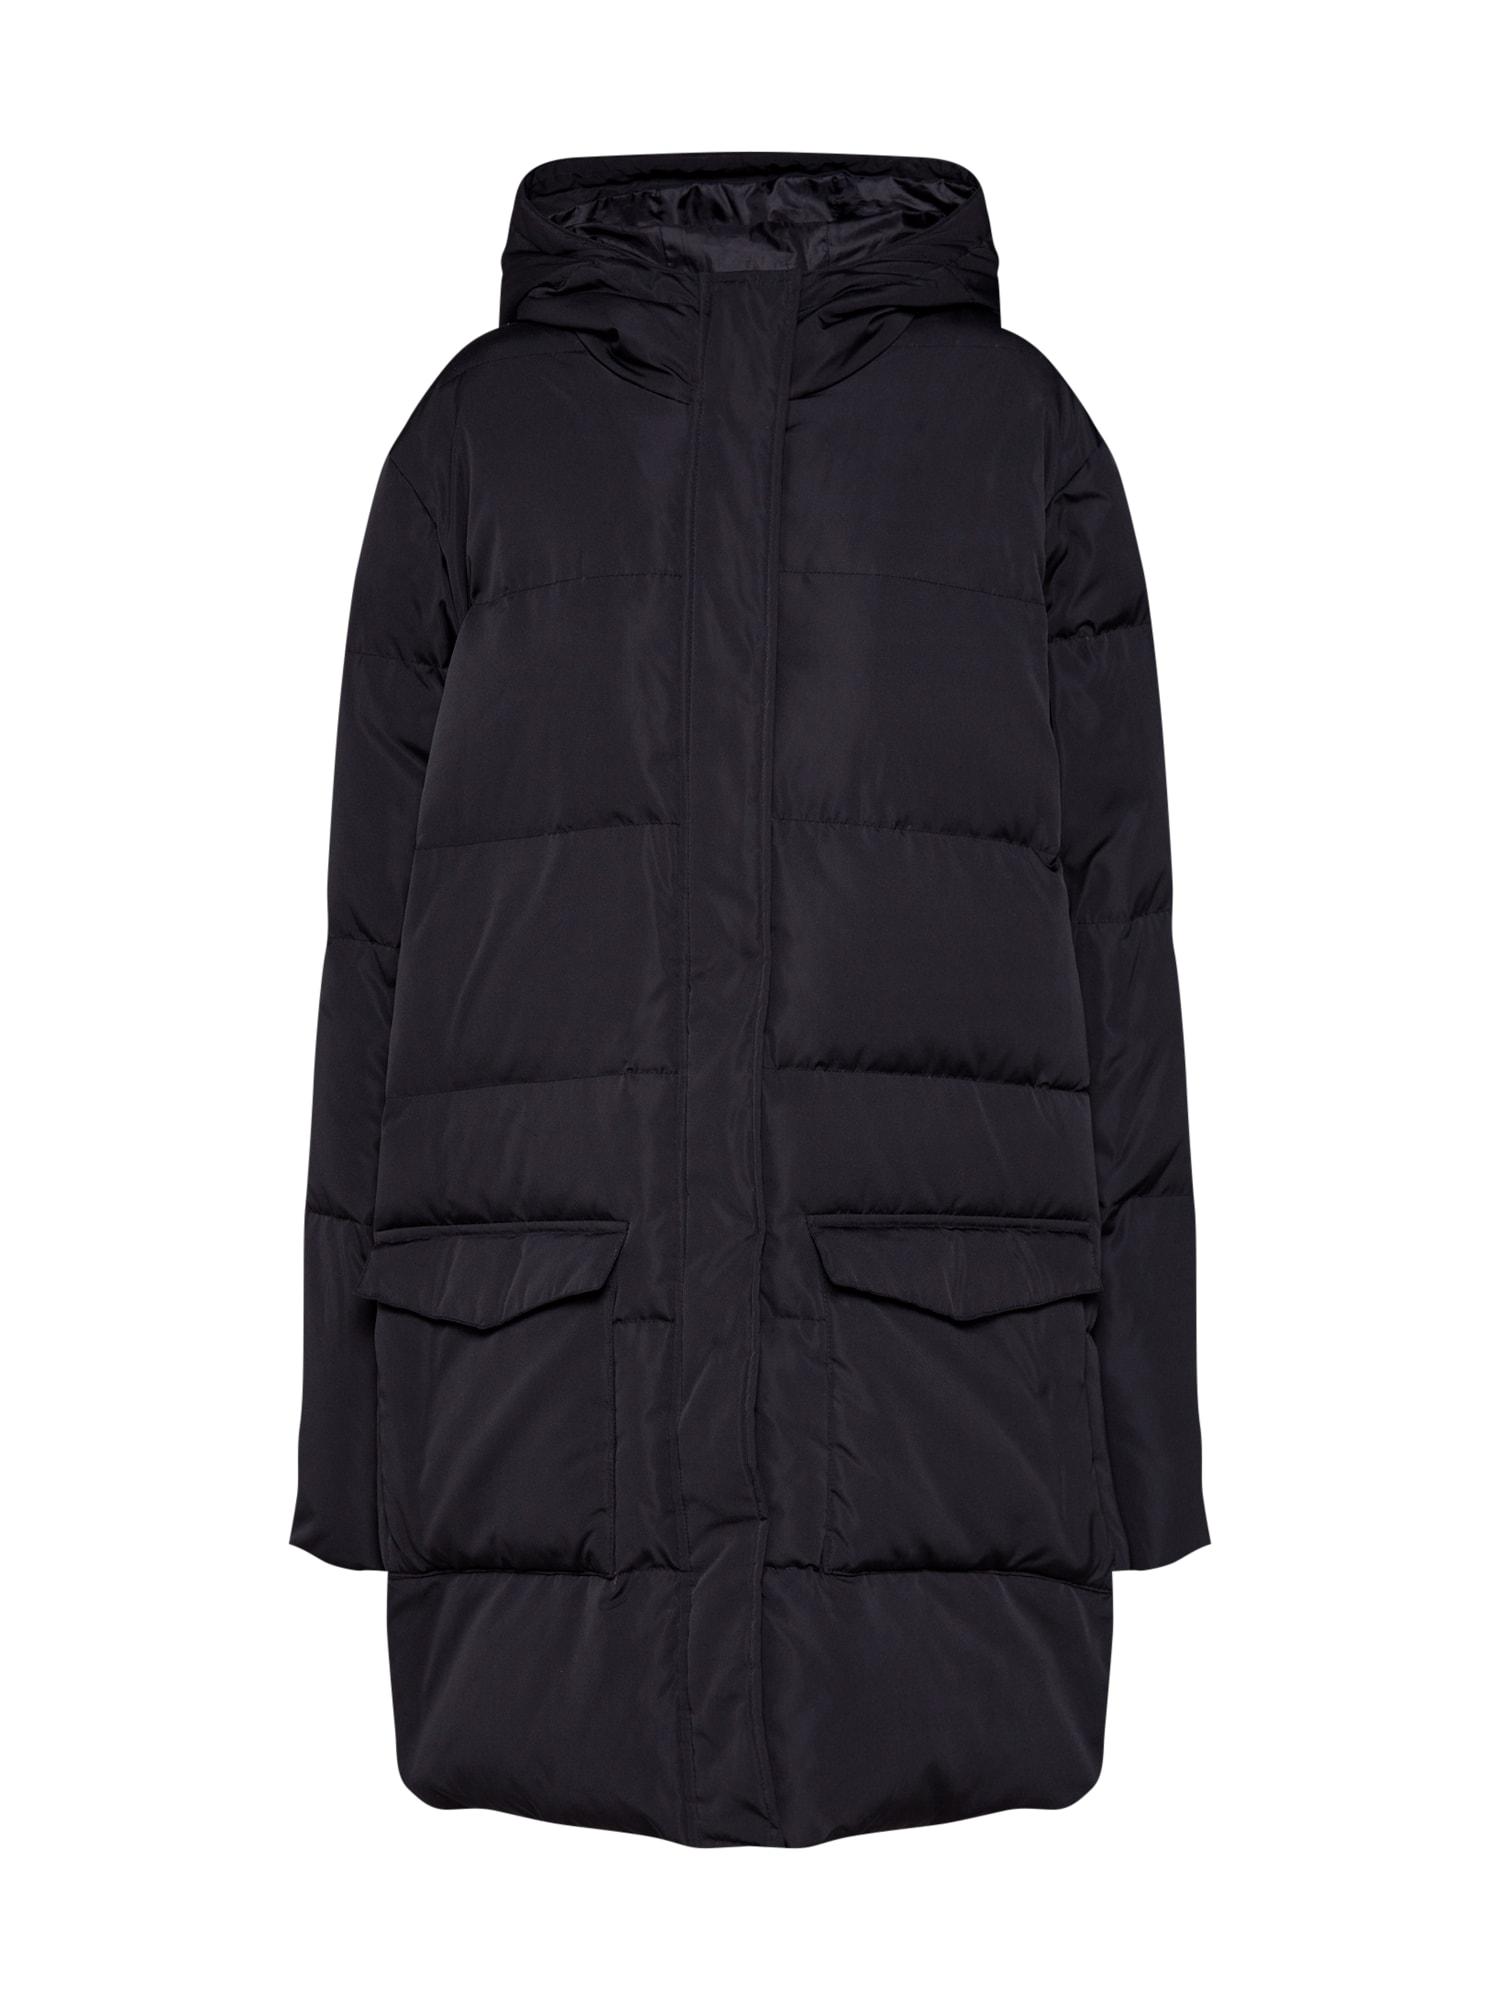 mbym Žieminis paltas 'Idina' juoda